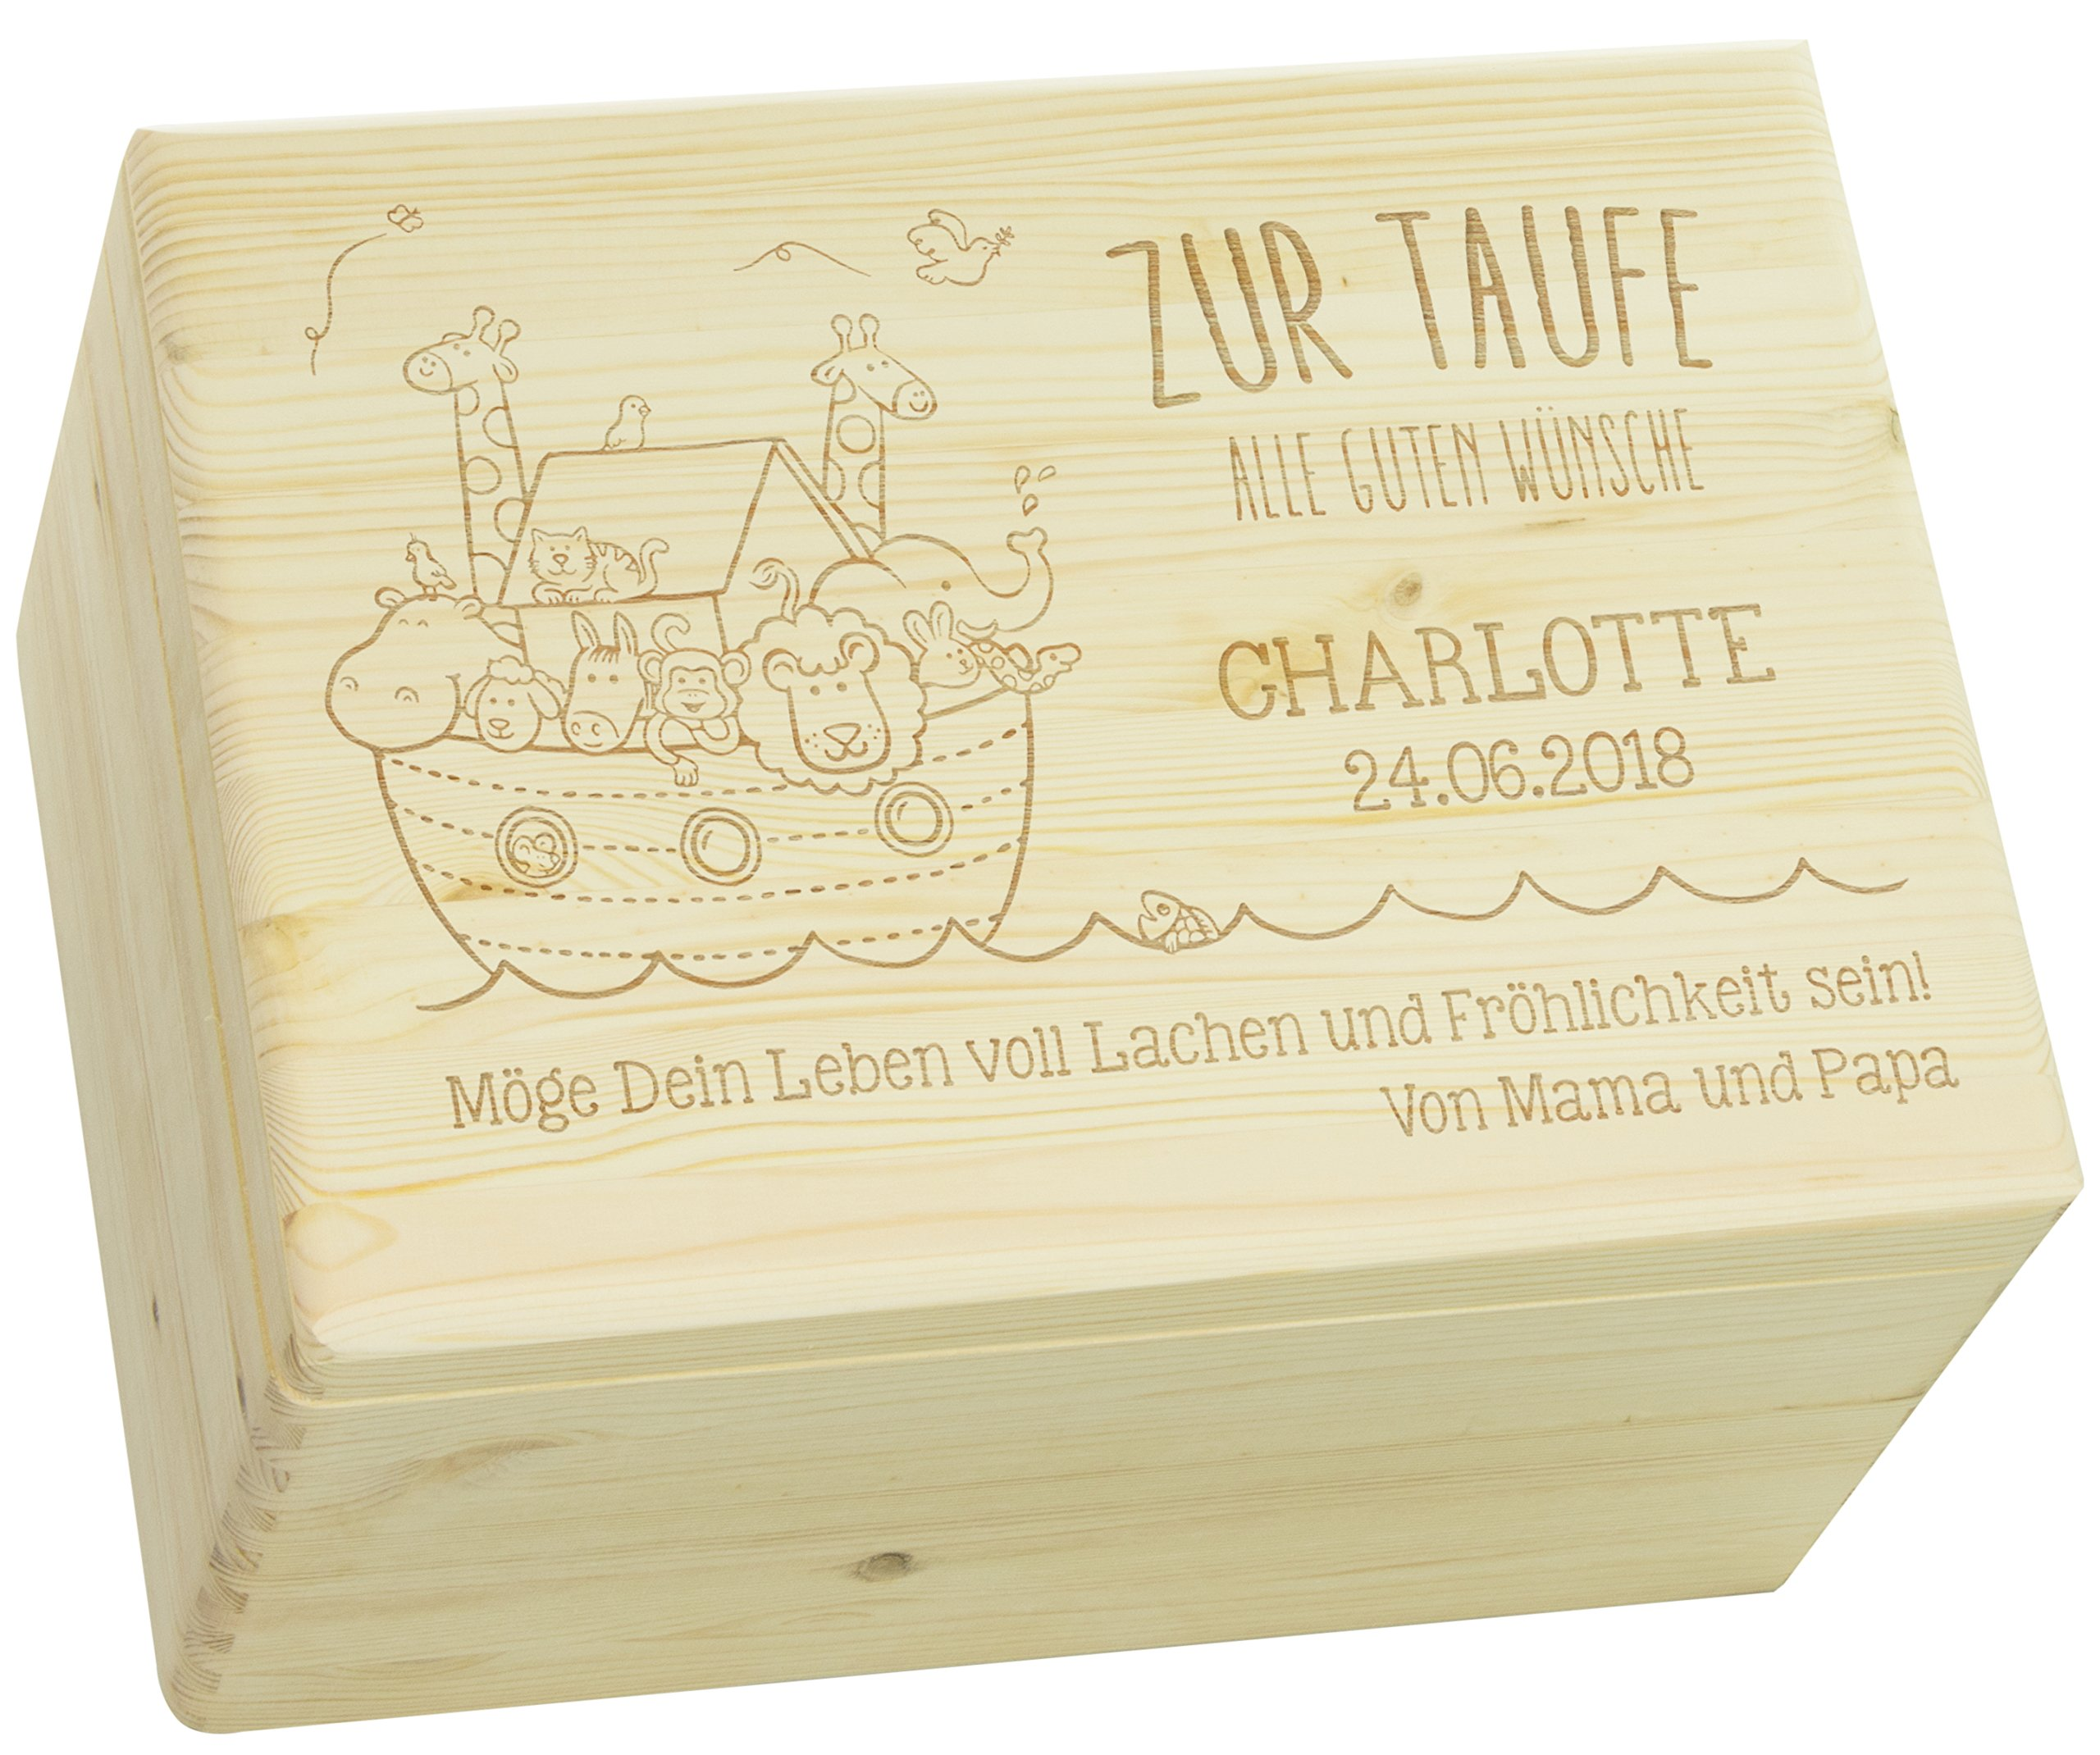 LAUBLUST Holzkiste mit Gravur - Personalisiert mit Name | Datum | WIDMUNG - Natur Größe XL - Arche Noah Motiv…